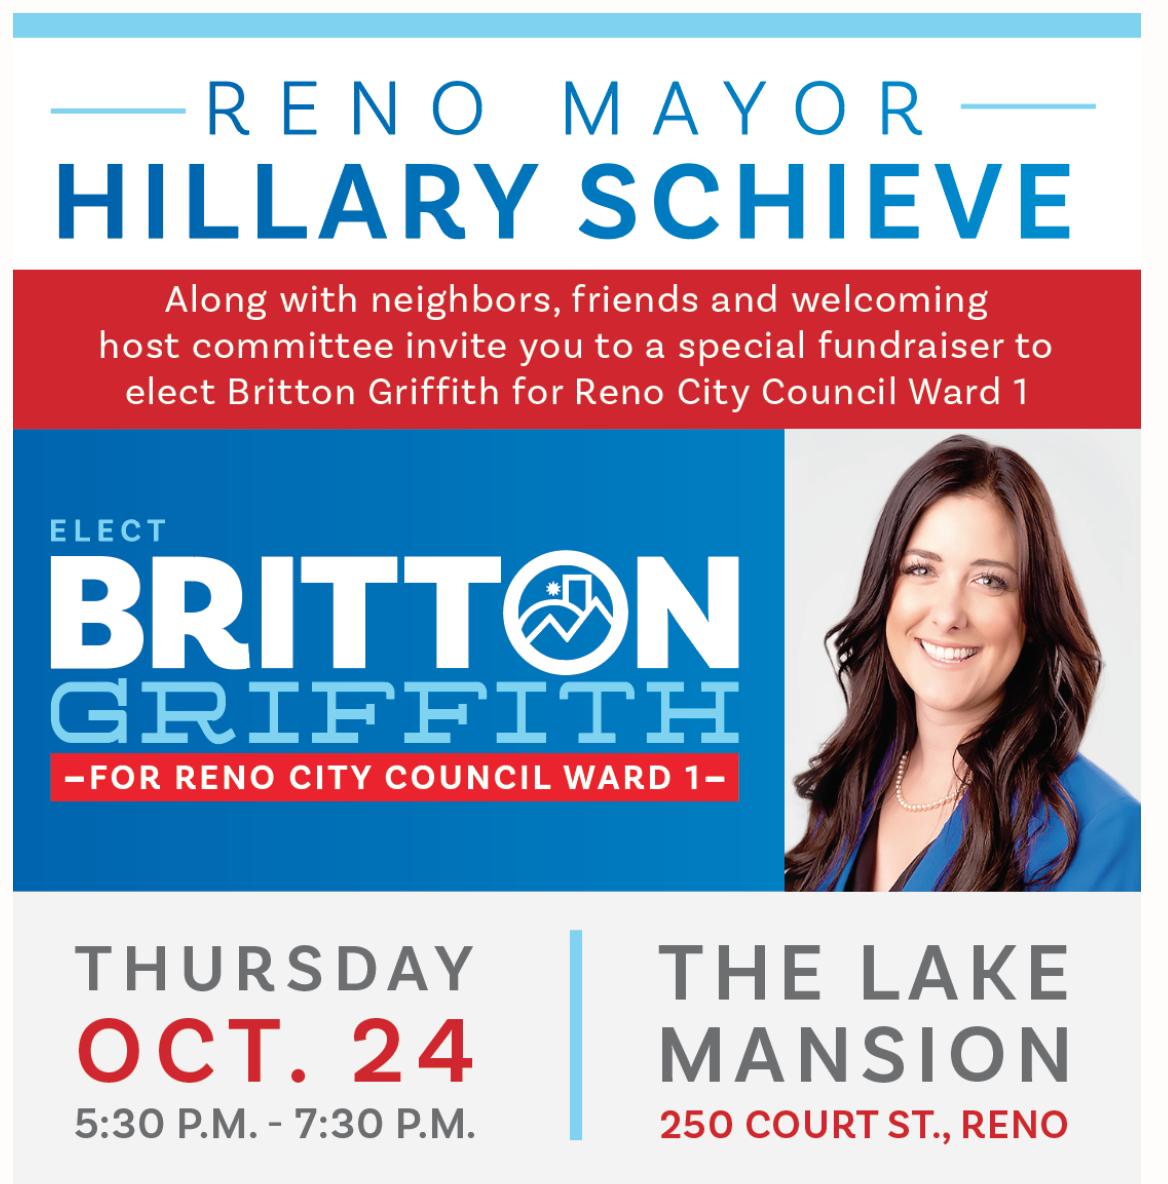 Fundraiser Oct. 24